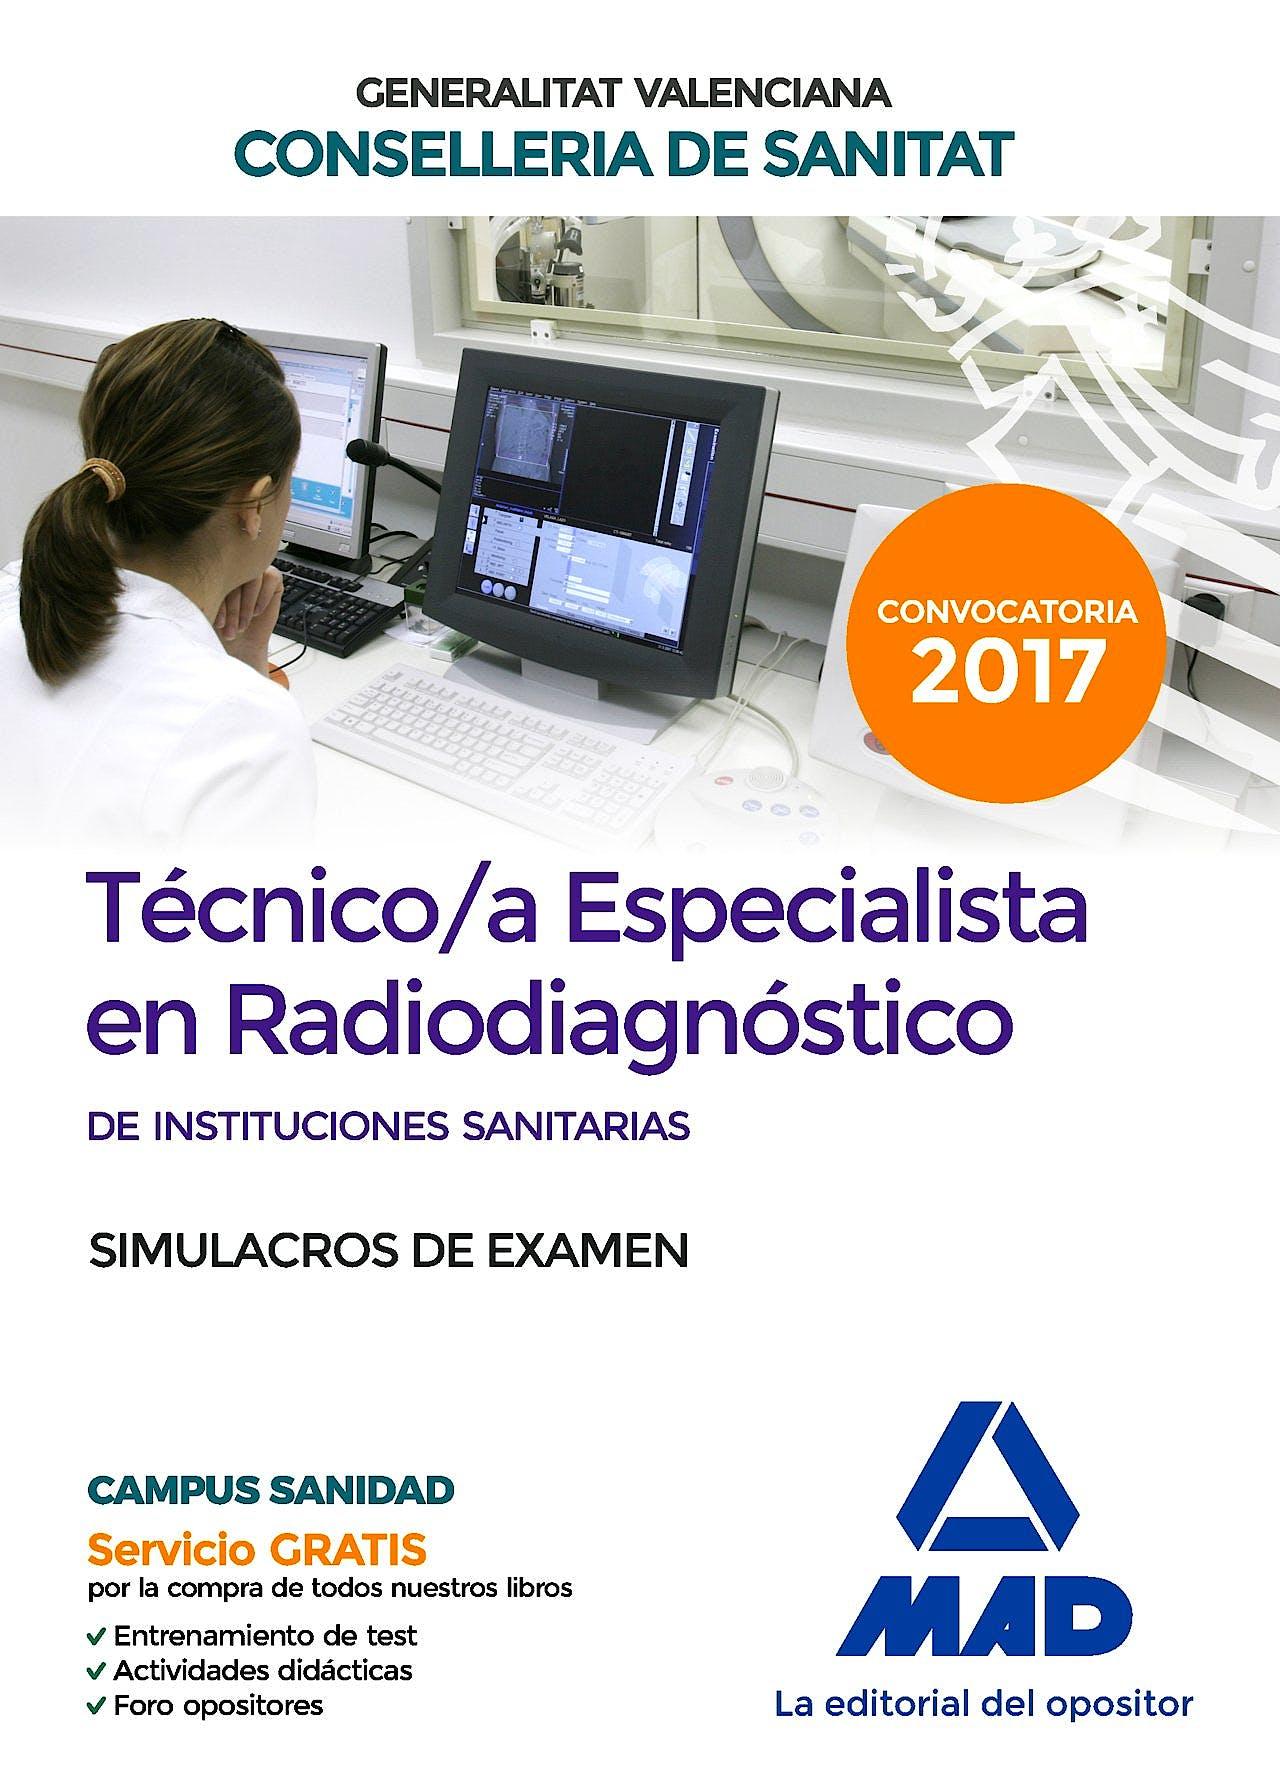 Portada del libro 9788414210925 Técnico/a Especialista en Radiodiagnóstico de Instituciones Sanitarias Generalitat Valenciana Conselleria de Sanitat. Simulacros de Examen